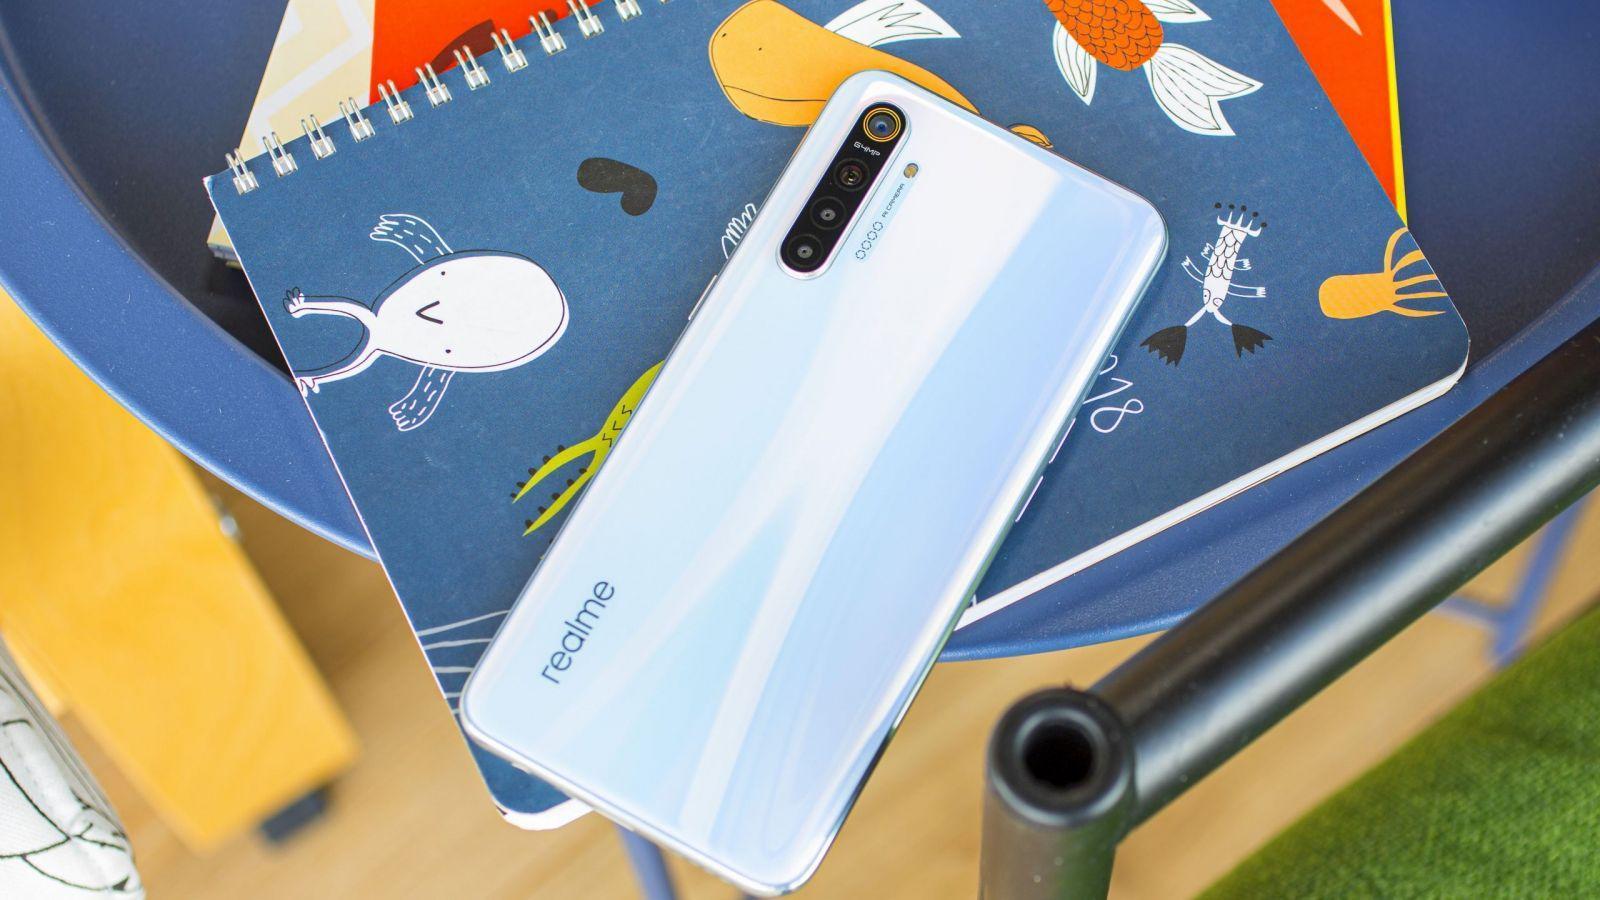 Realme X3 SuperZoom будет поставляться с 4200 мАч аккумулятором и быстрой зарядкой Realme X3 SuperZoom будет поставляться с 4200 мАч аккумулятором и быстрой зарядкой